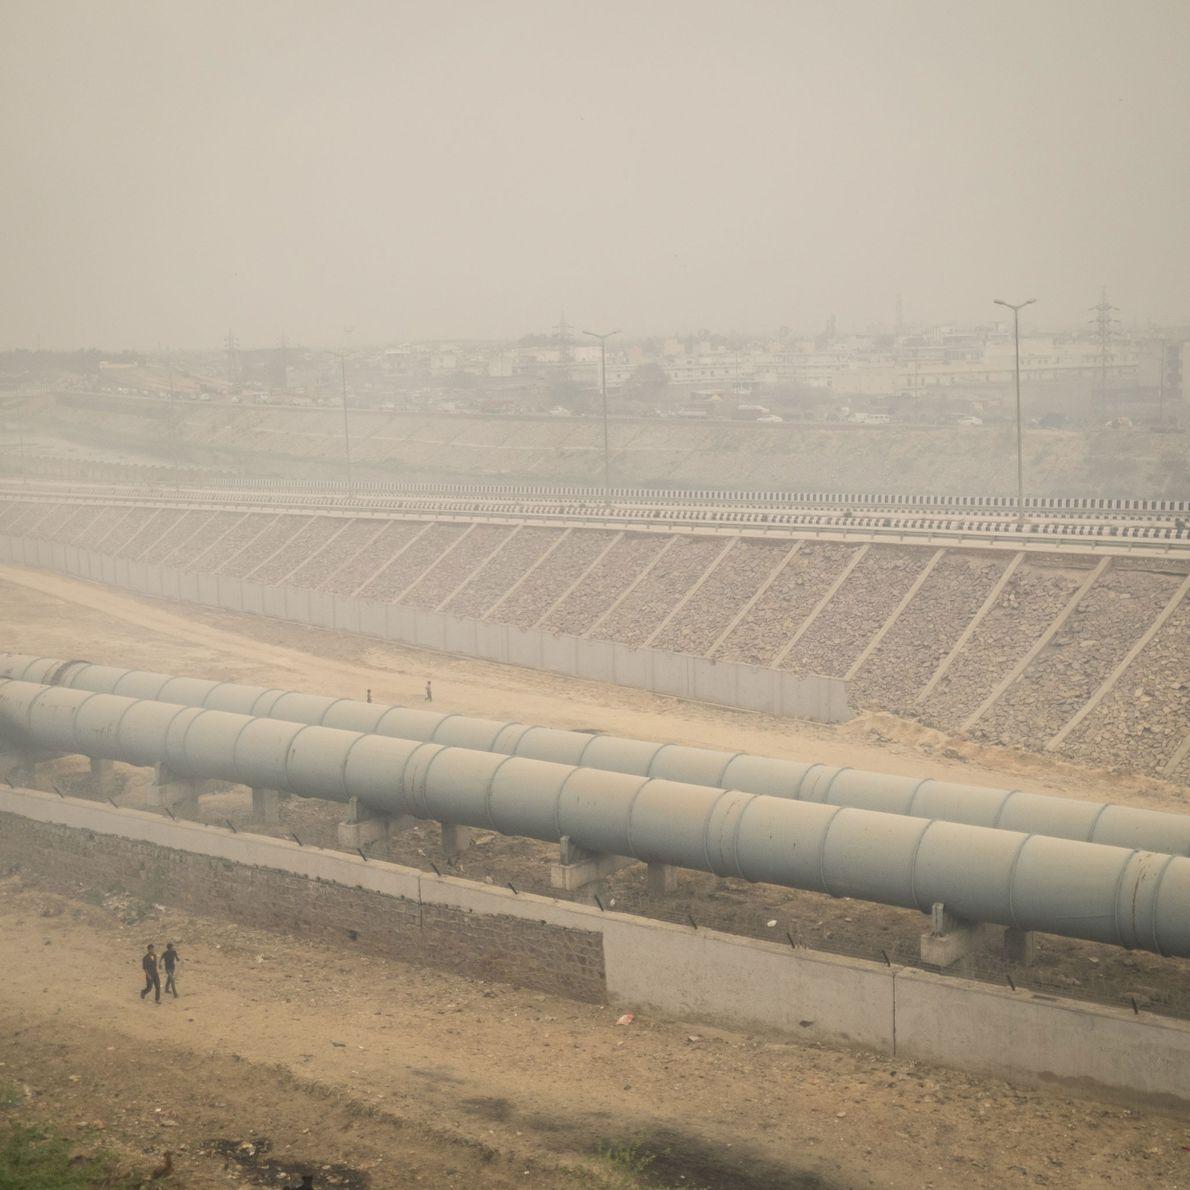 Fotografia de uma aldeia situada por baixo de uma lixeira gigante ao ar livre que queima ...